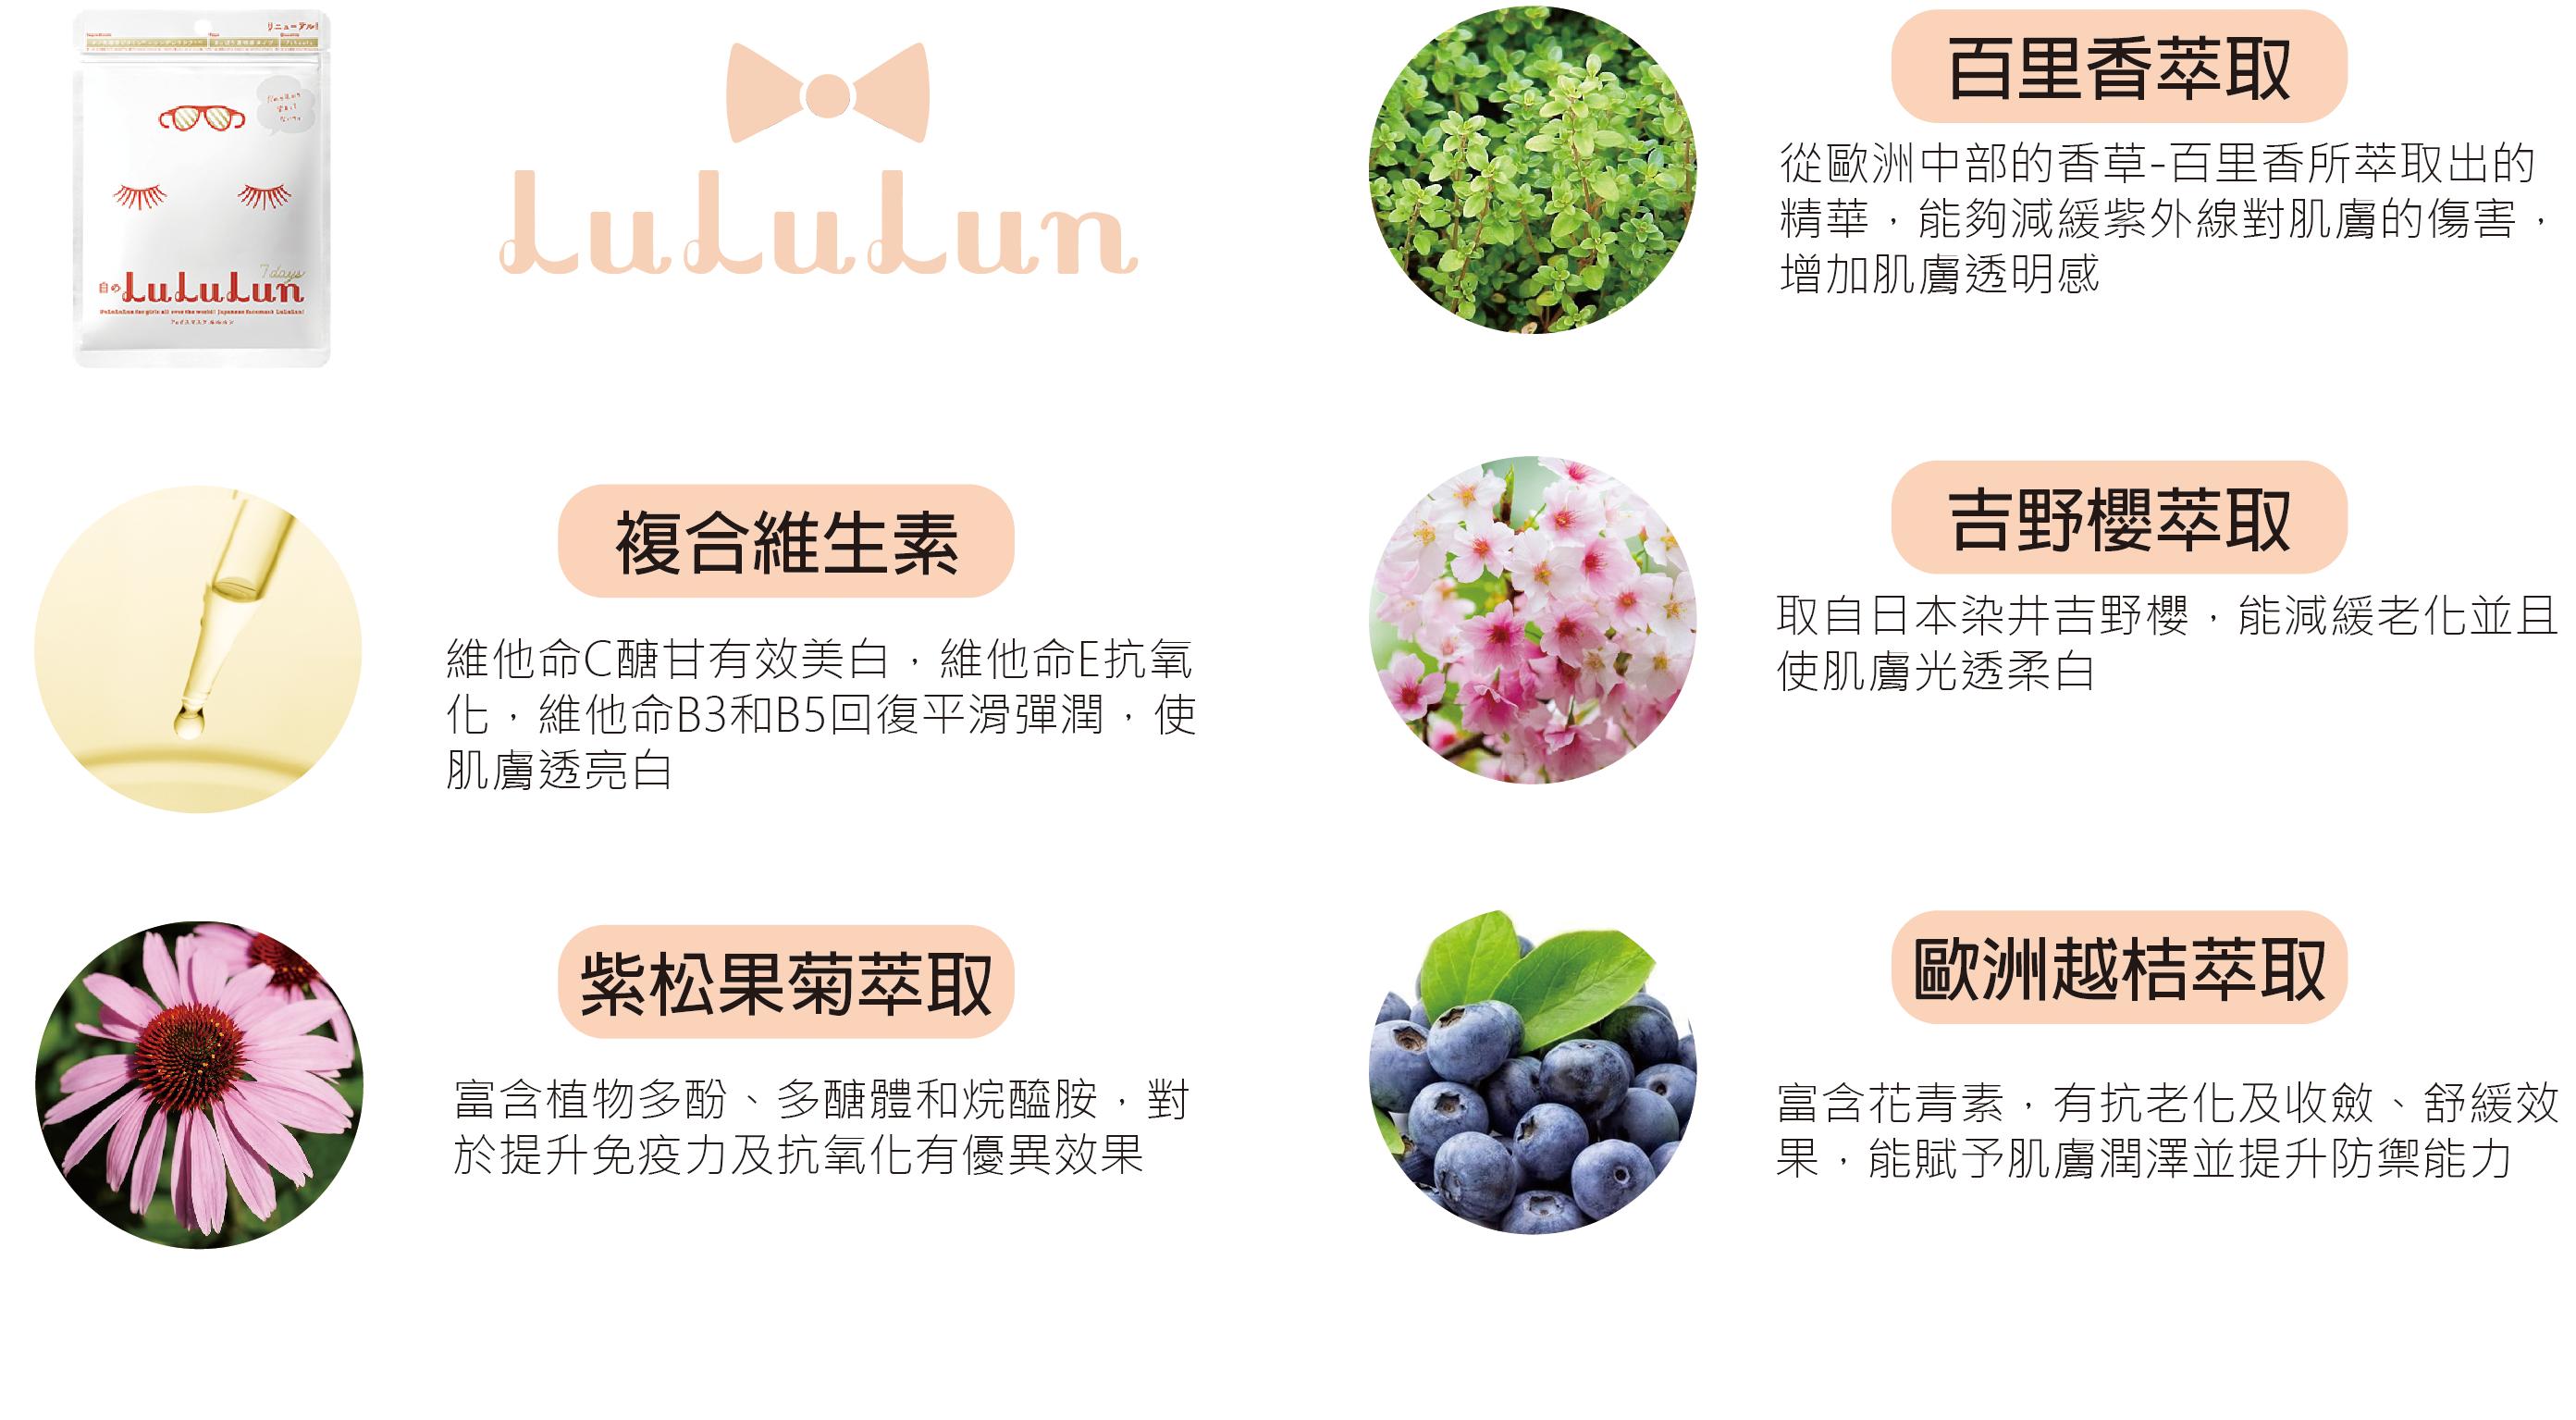 LuLuLun, 化妝水面膜, LuLuLun面膜, 日本藥妝, 日本代購, 保濕面膜, 保濕, 美白面膜, 美白, 滋潤面膜, 滋潤, 日本推薦, 面膜推薦, 無香料, 無色素, 日本必買, 試用, 體驗